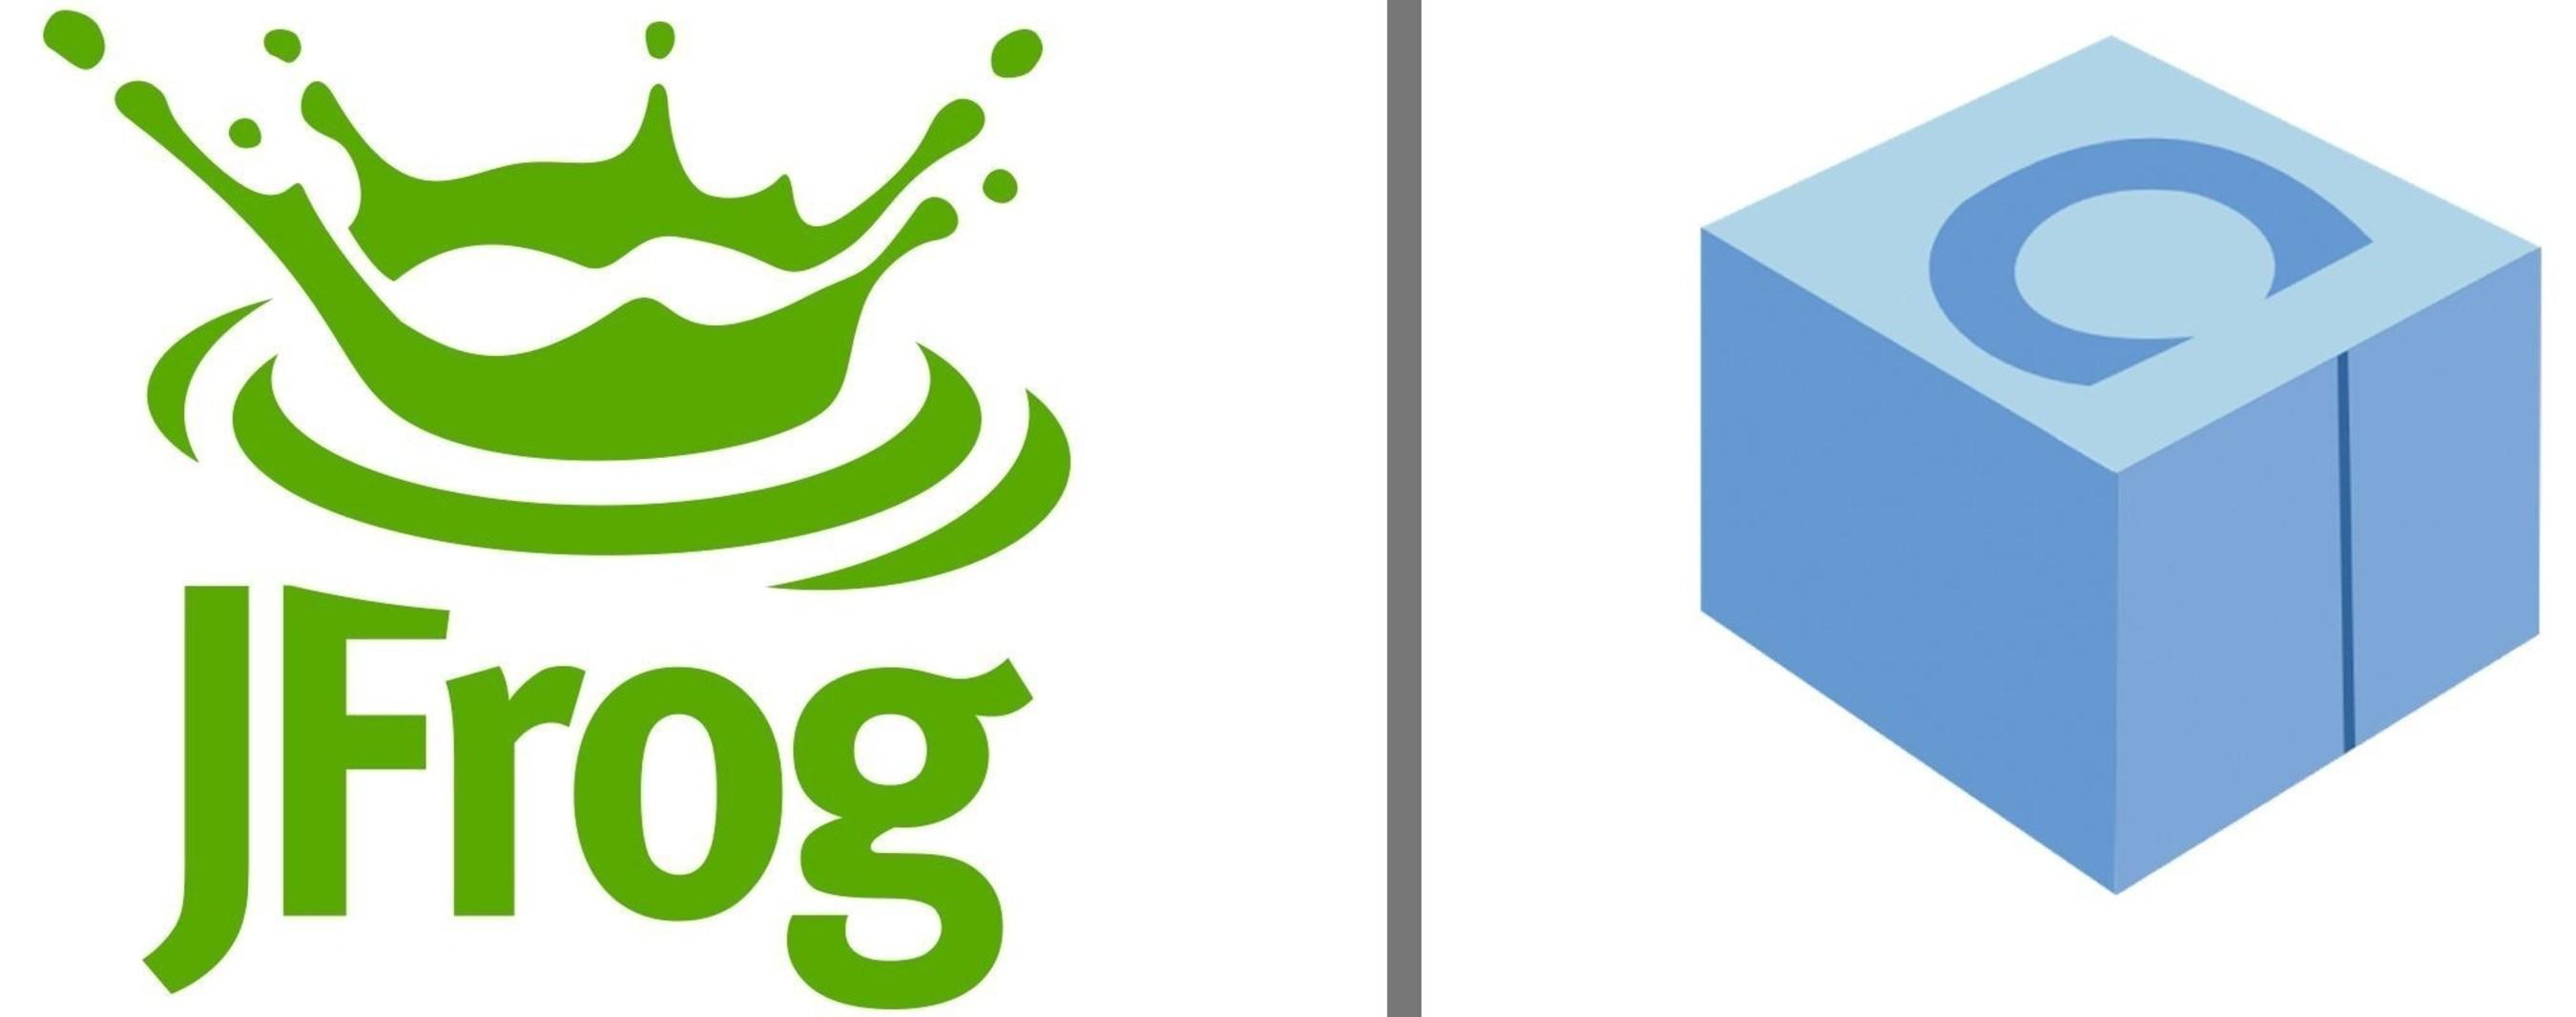 JFrog Acquires Conan, Bringing DevOps to C/C++